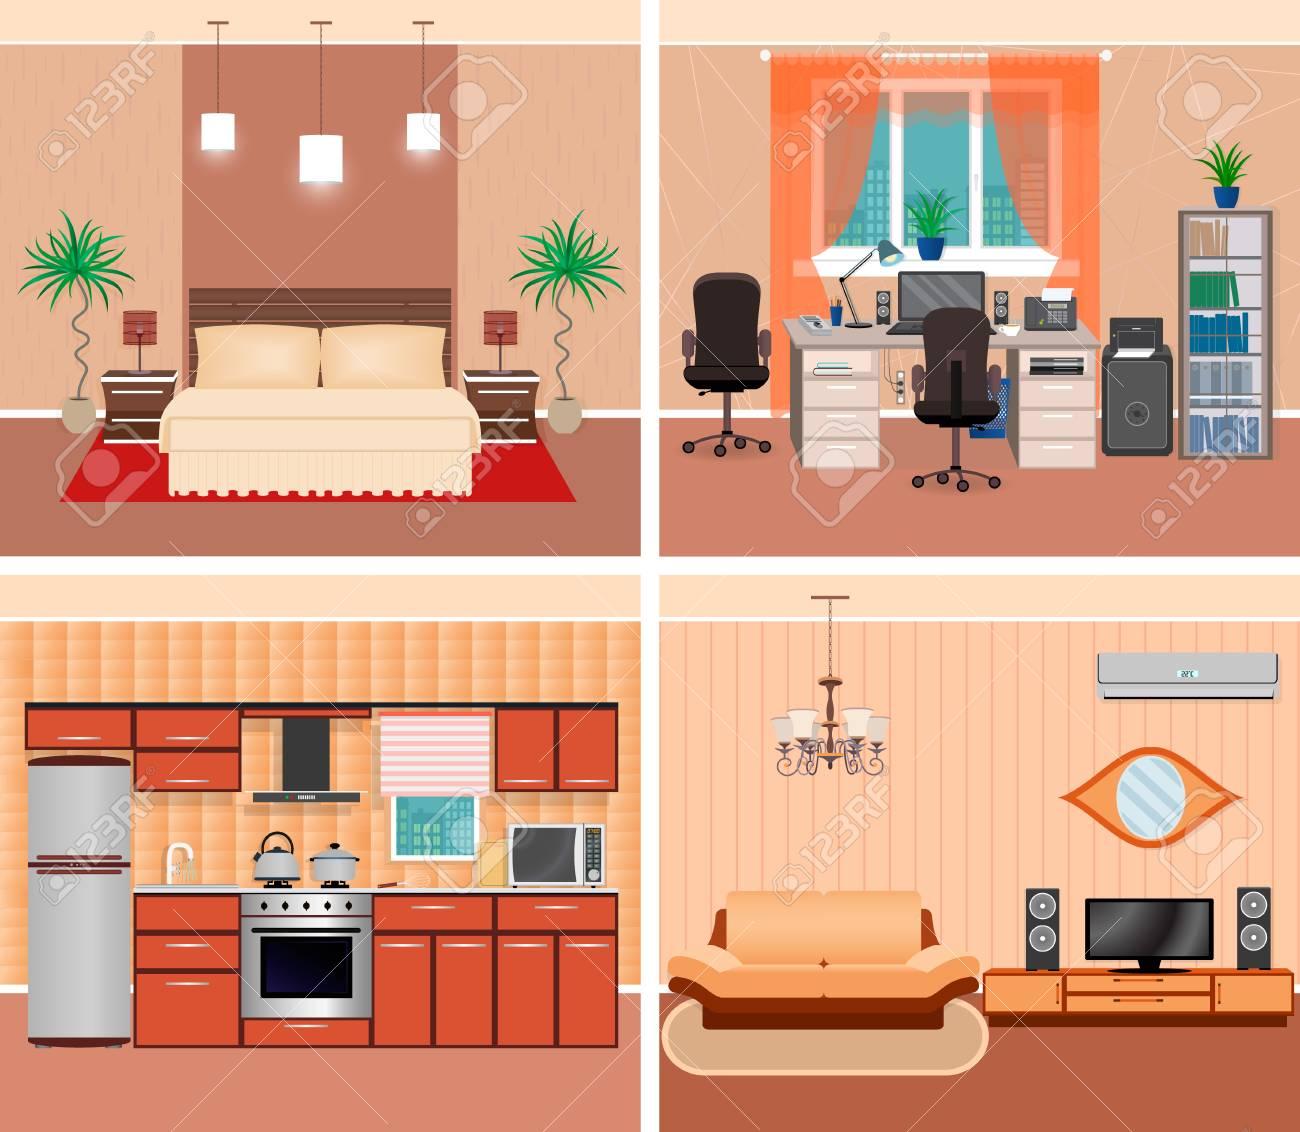 Casa Interior Sala De Estar, Lugar De Trabajo Doméstico, Dormitorio ...